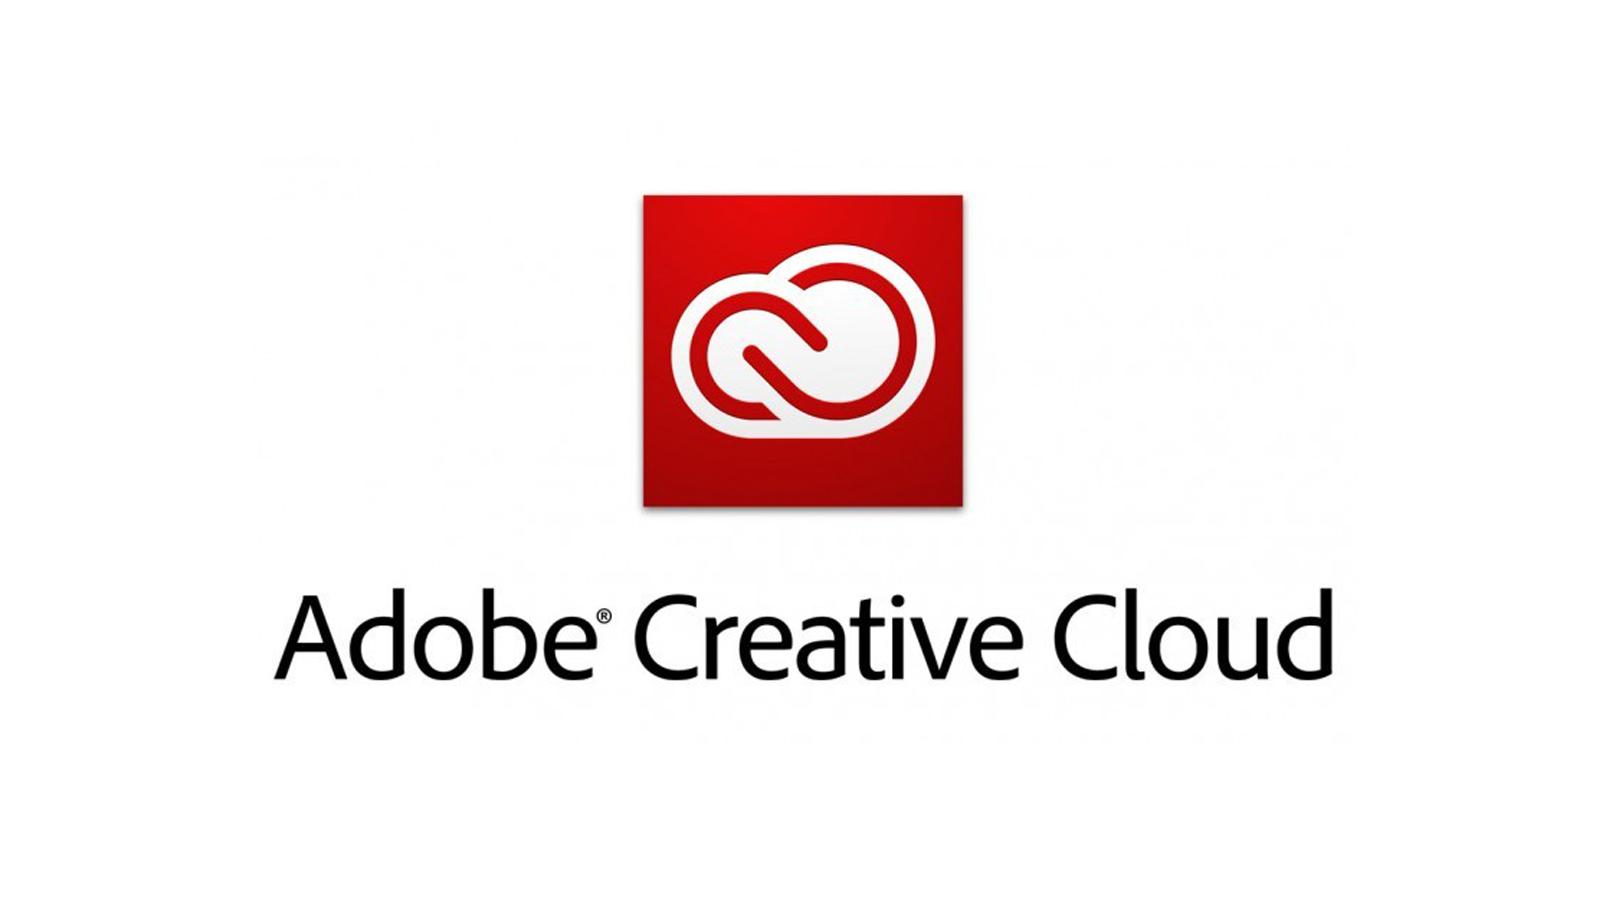 Adobe CCを安く買う!アドビ公認の方法で社会人でもアカデミック版を購入する【Adobe Creative Cloud】